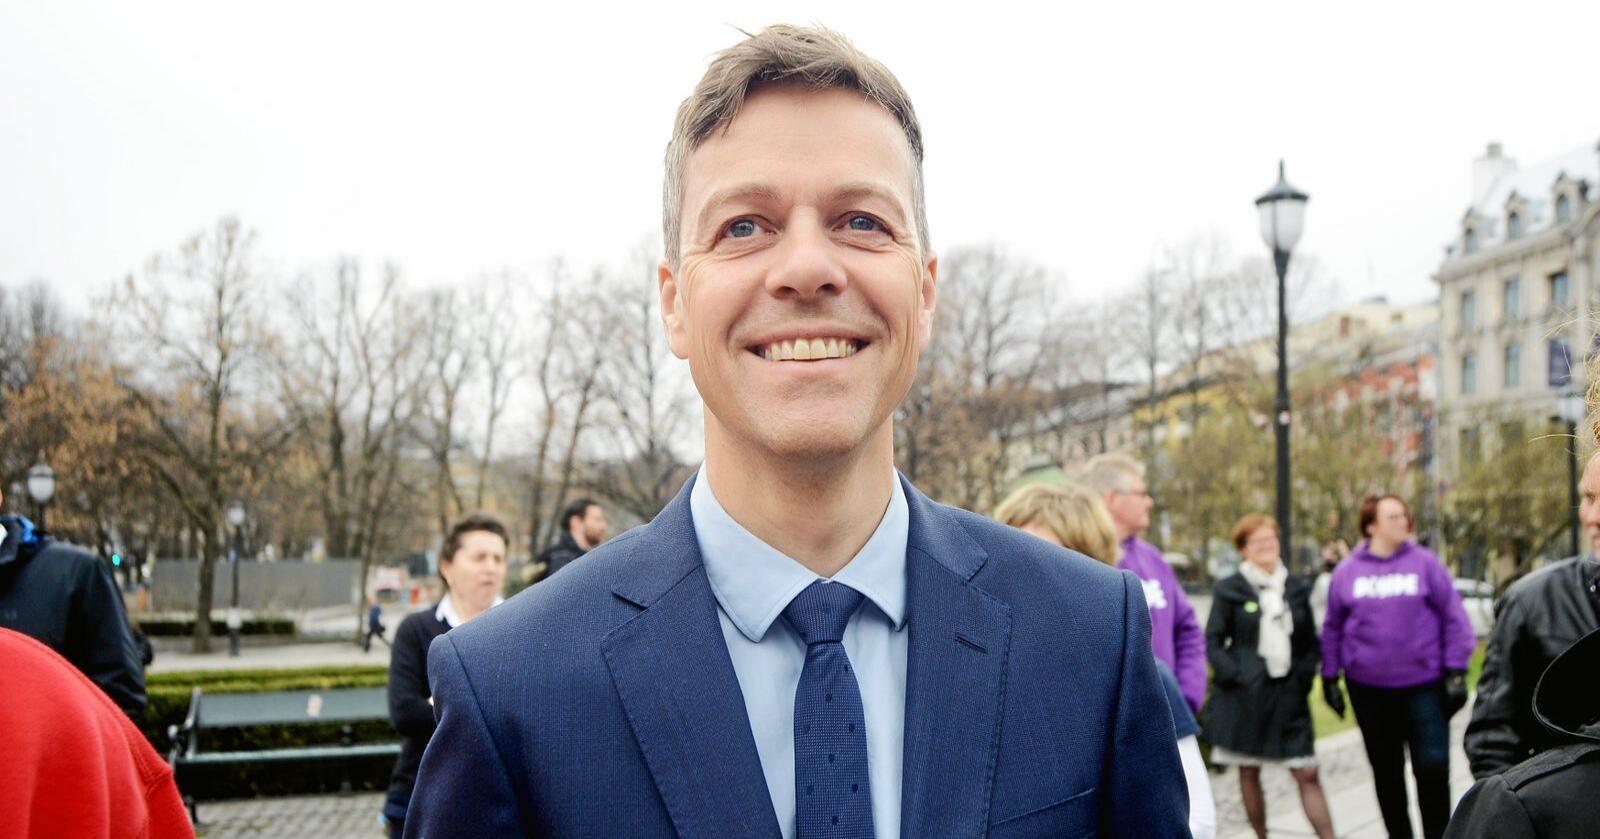 Samferdselsminister Knut Arild Hareide (KrF). Foto: Mariann Tvete